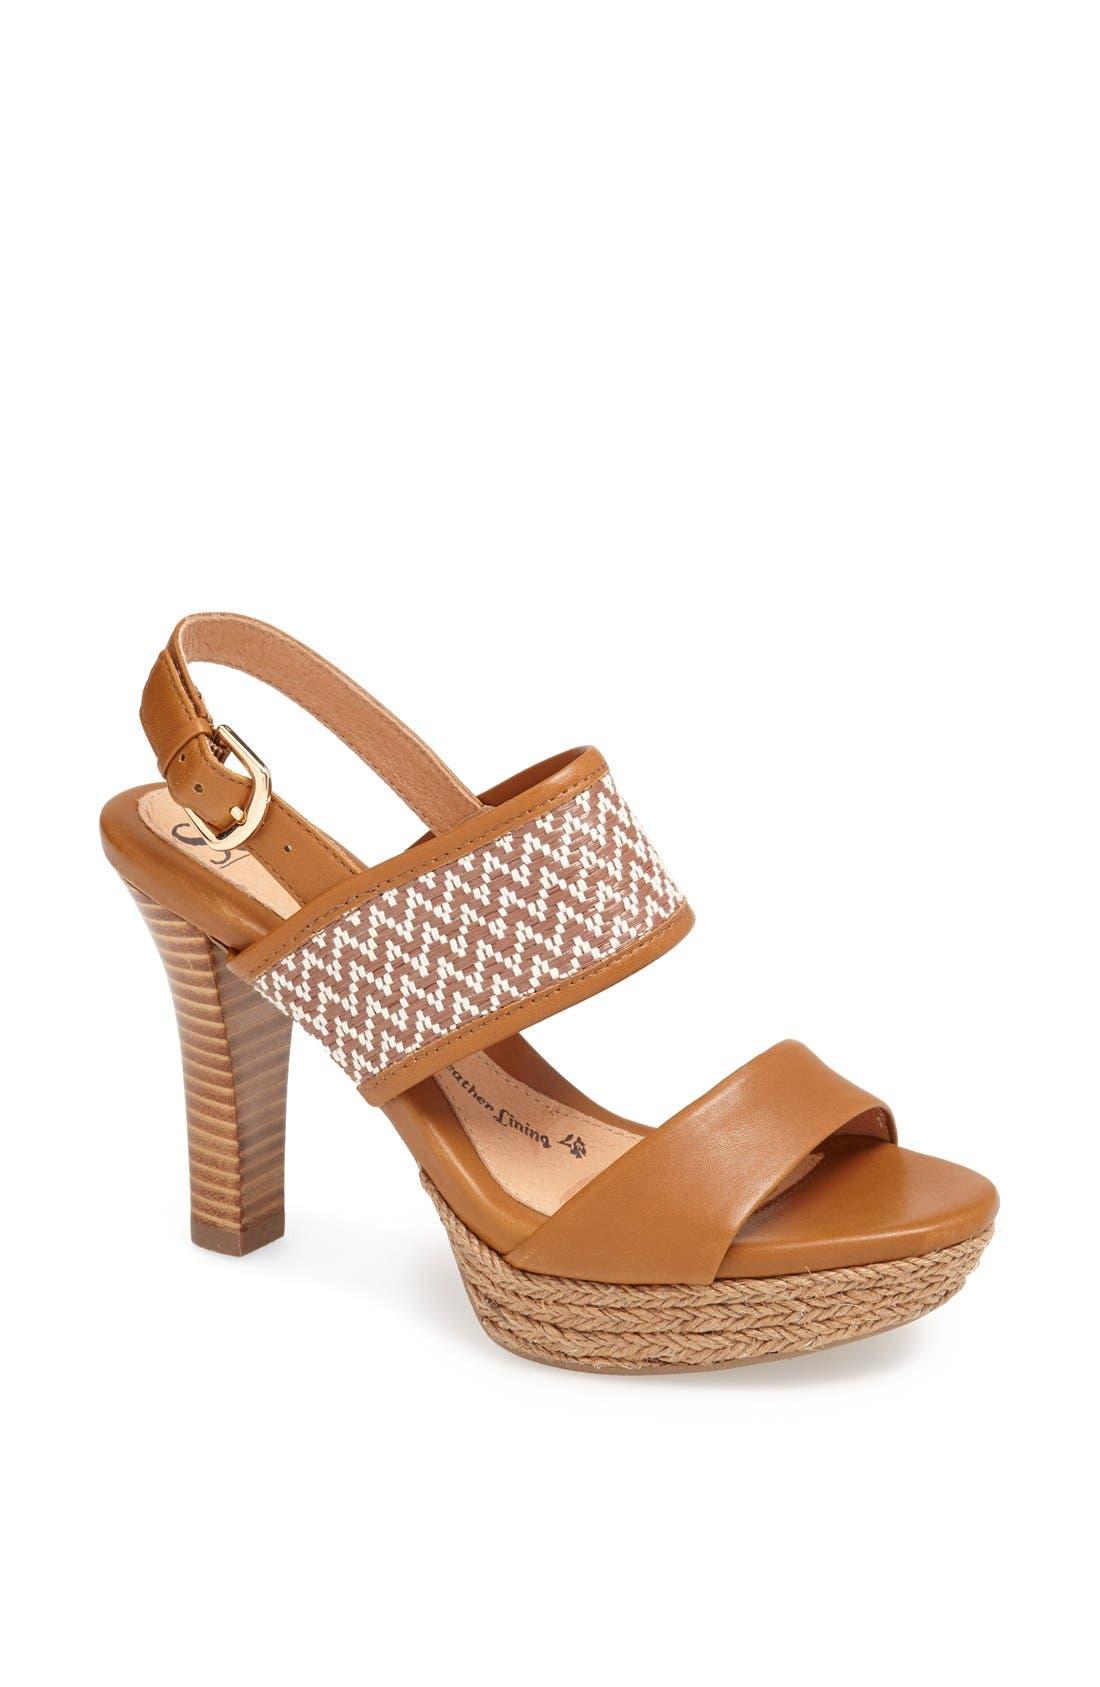 Main Image - Söfft 'Sarita' Platform Sandal